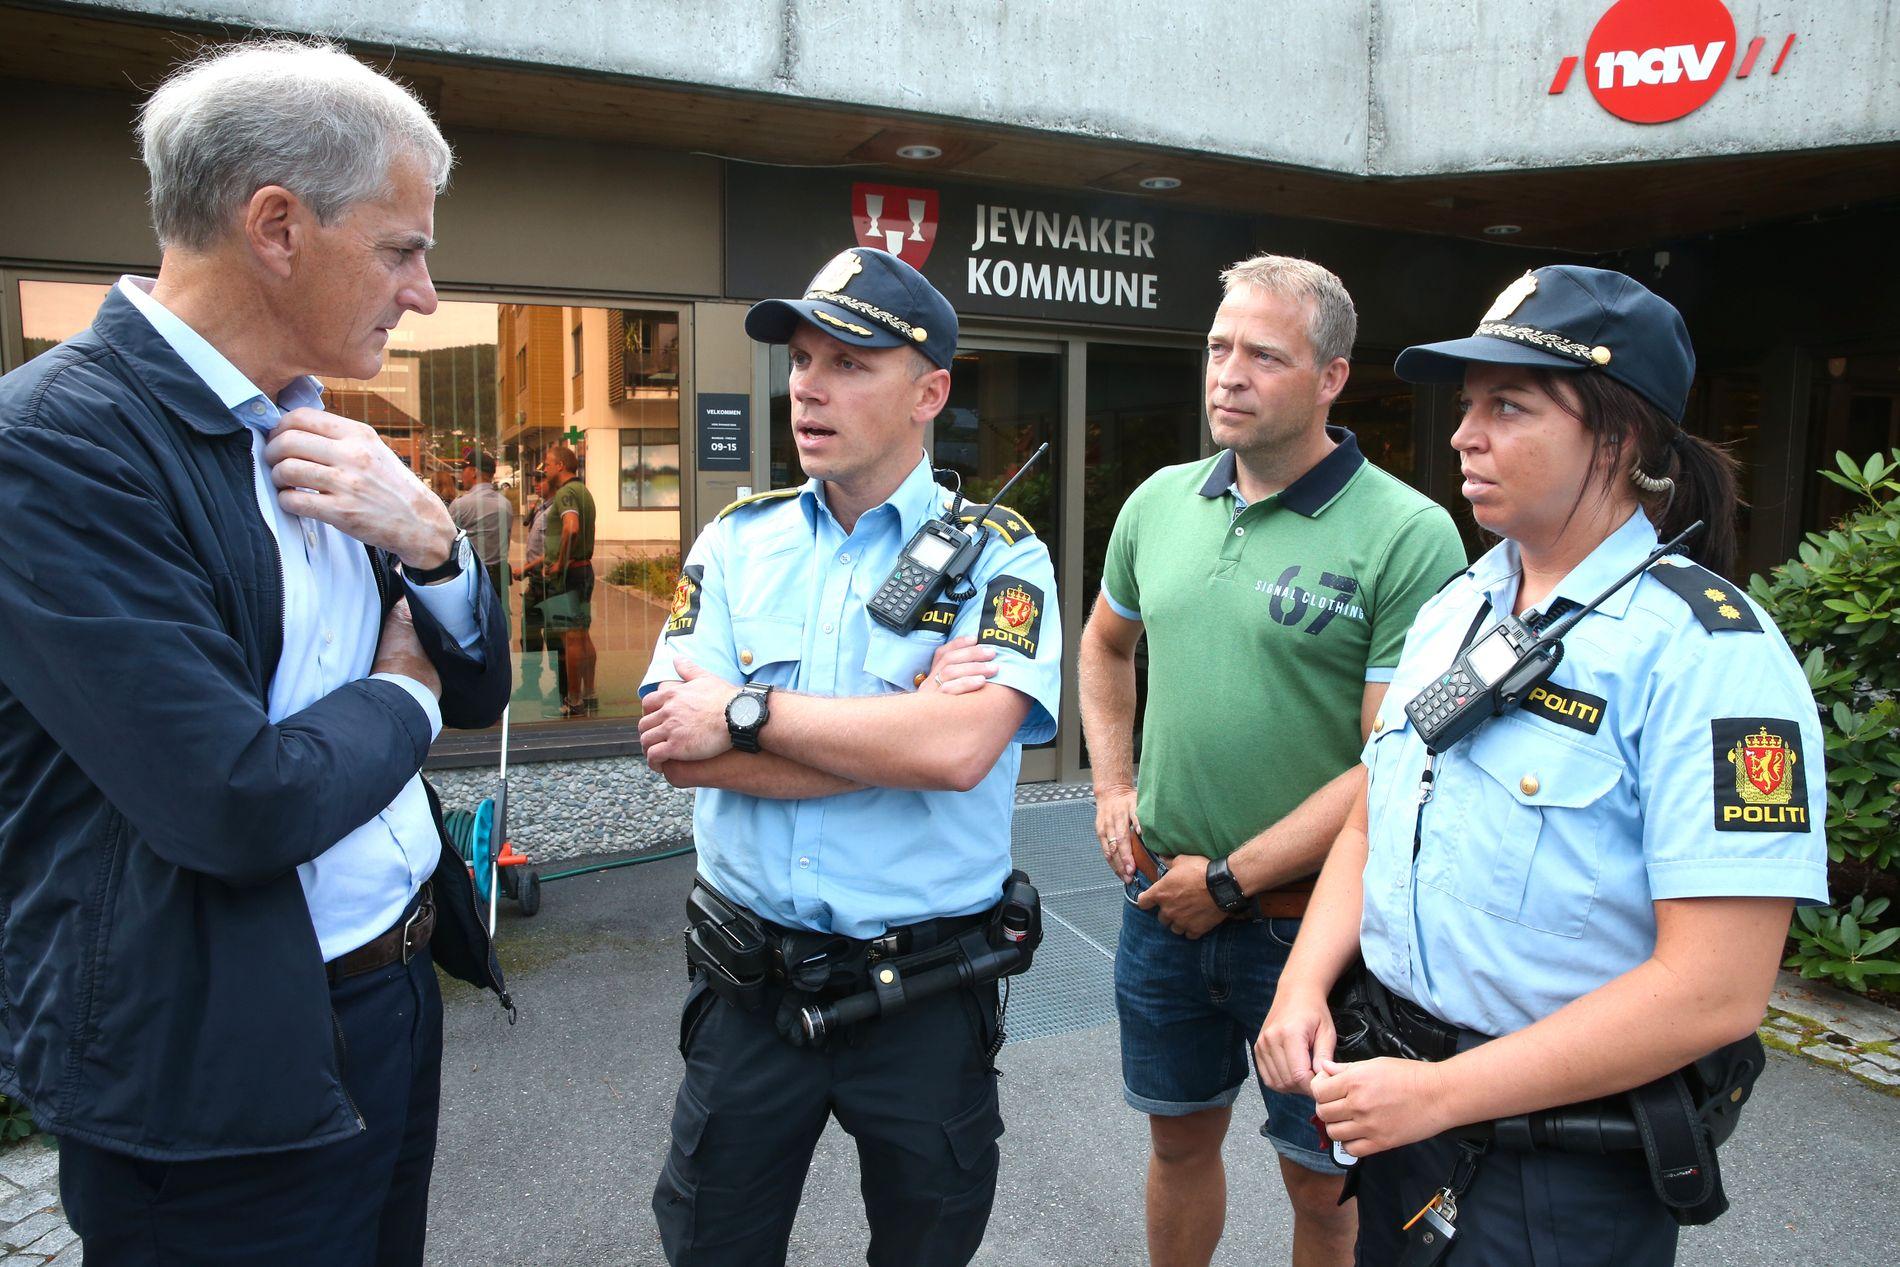 STØTTEN STOPPER HER: Ap-leder Jonas Gahr Støre møtte fredag politimann og ordførerkandidat i Jevnaker Morten Lafton (i grønn skjorte), og kollegene Verner Svendsen og Karoline Moe som har Hønefoss som tjenestested.